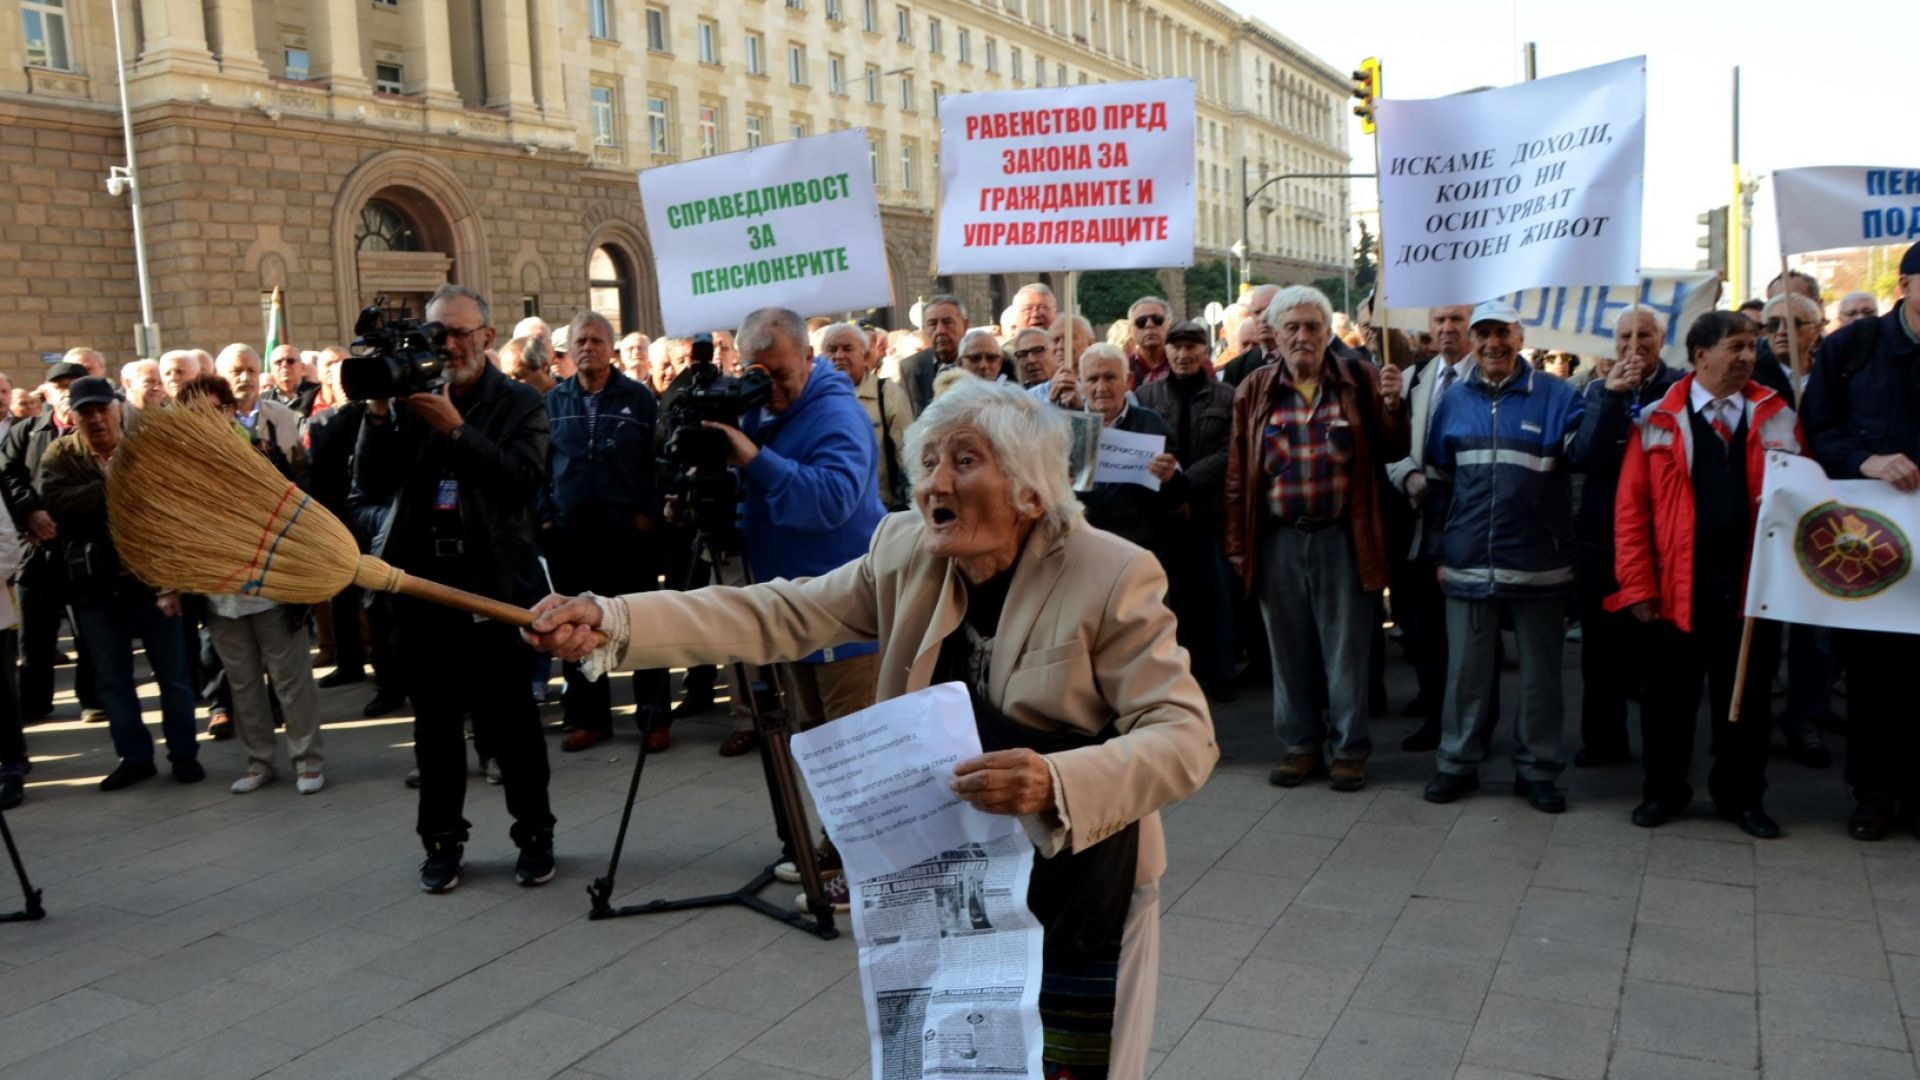 Пенсионерите се разбунтуваха: Искат да ни унищожат (снимки)